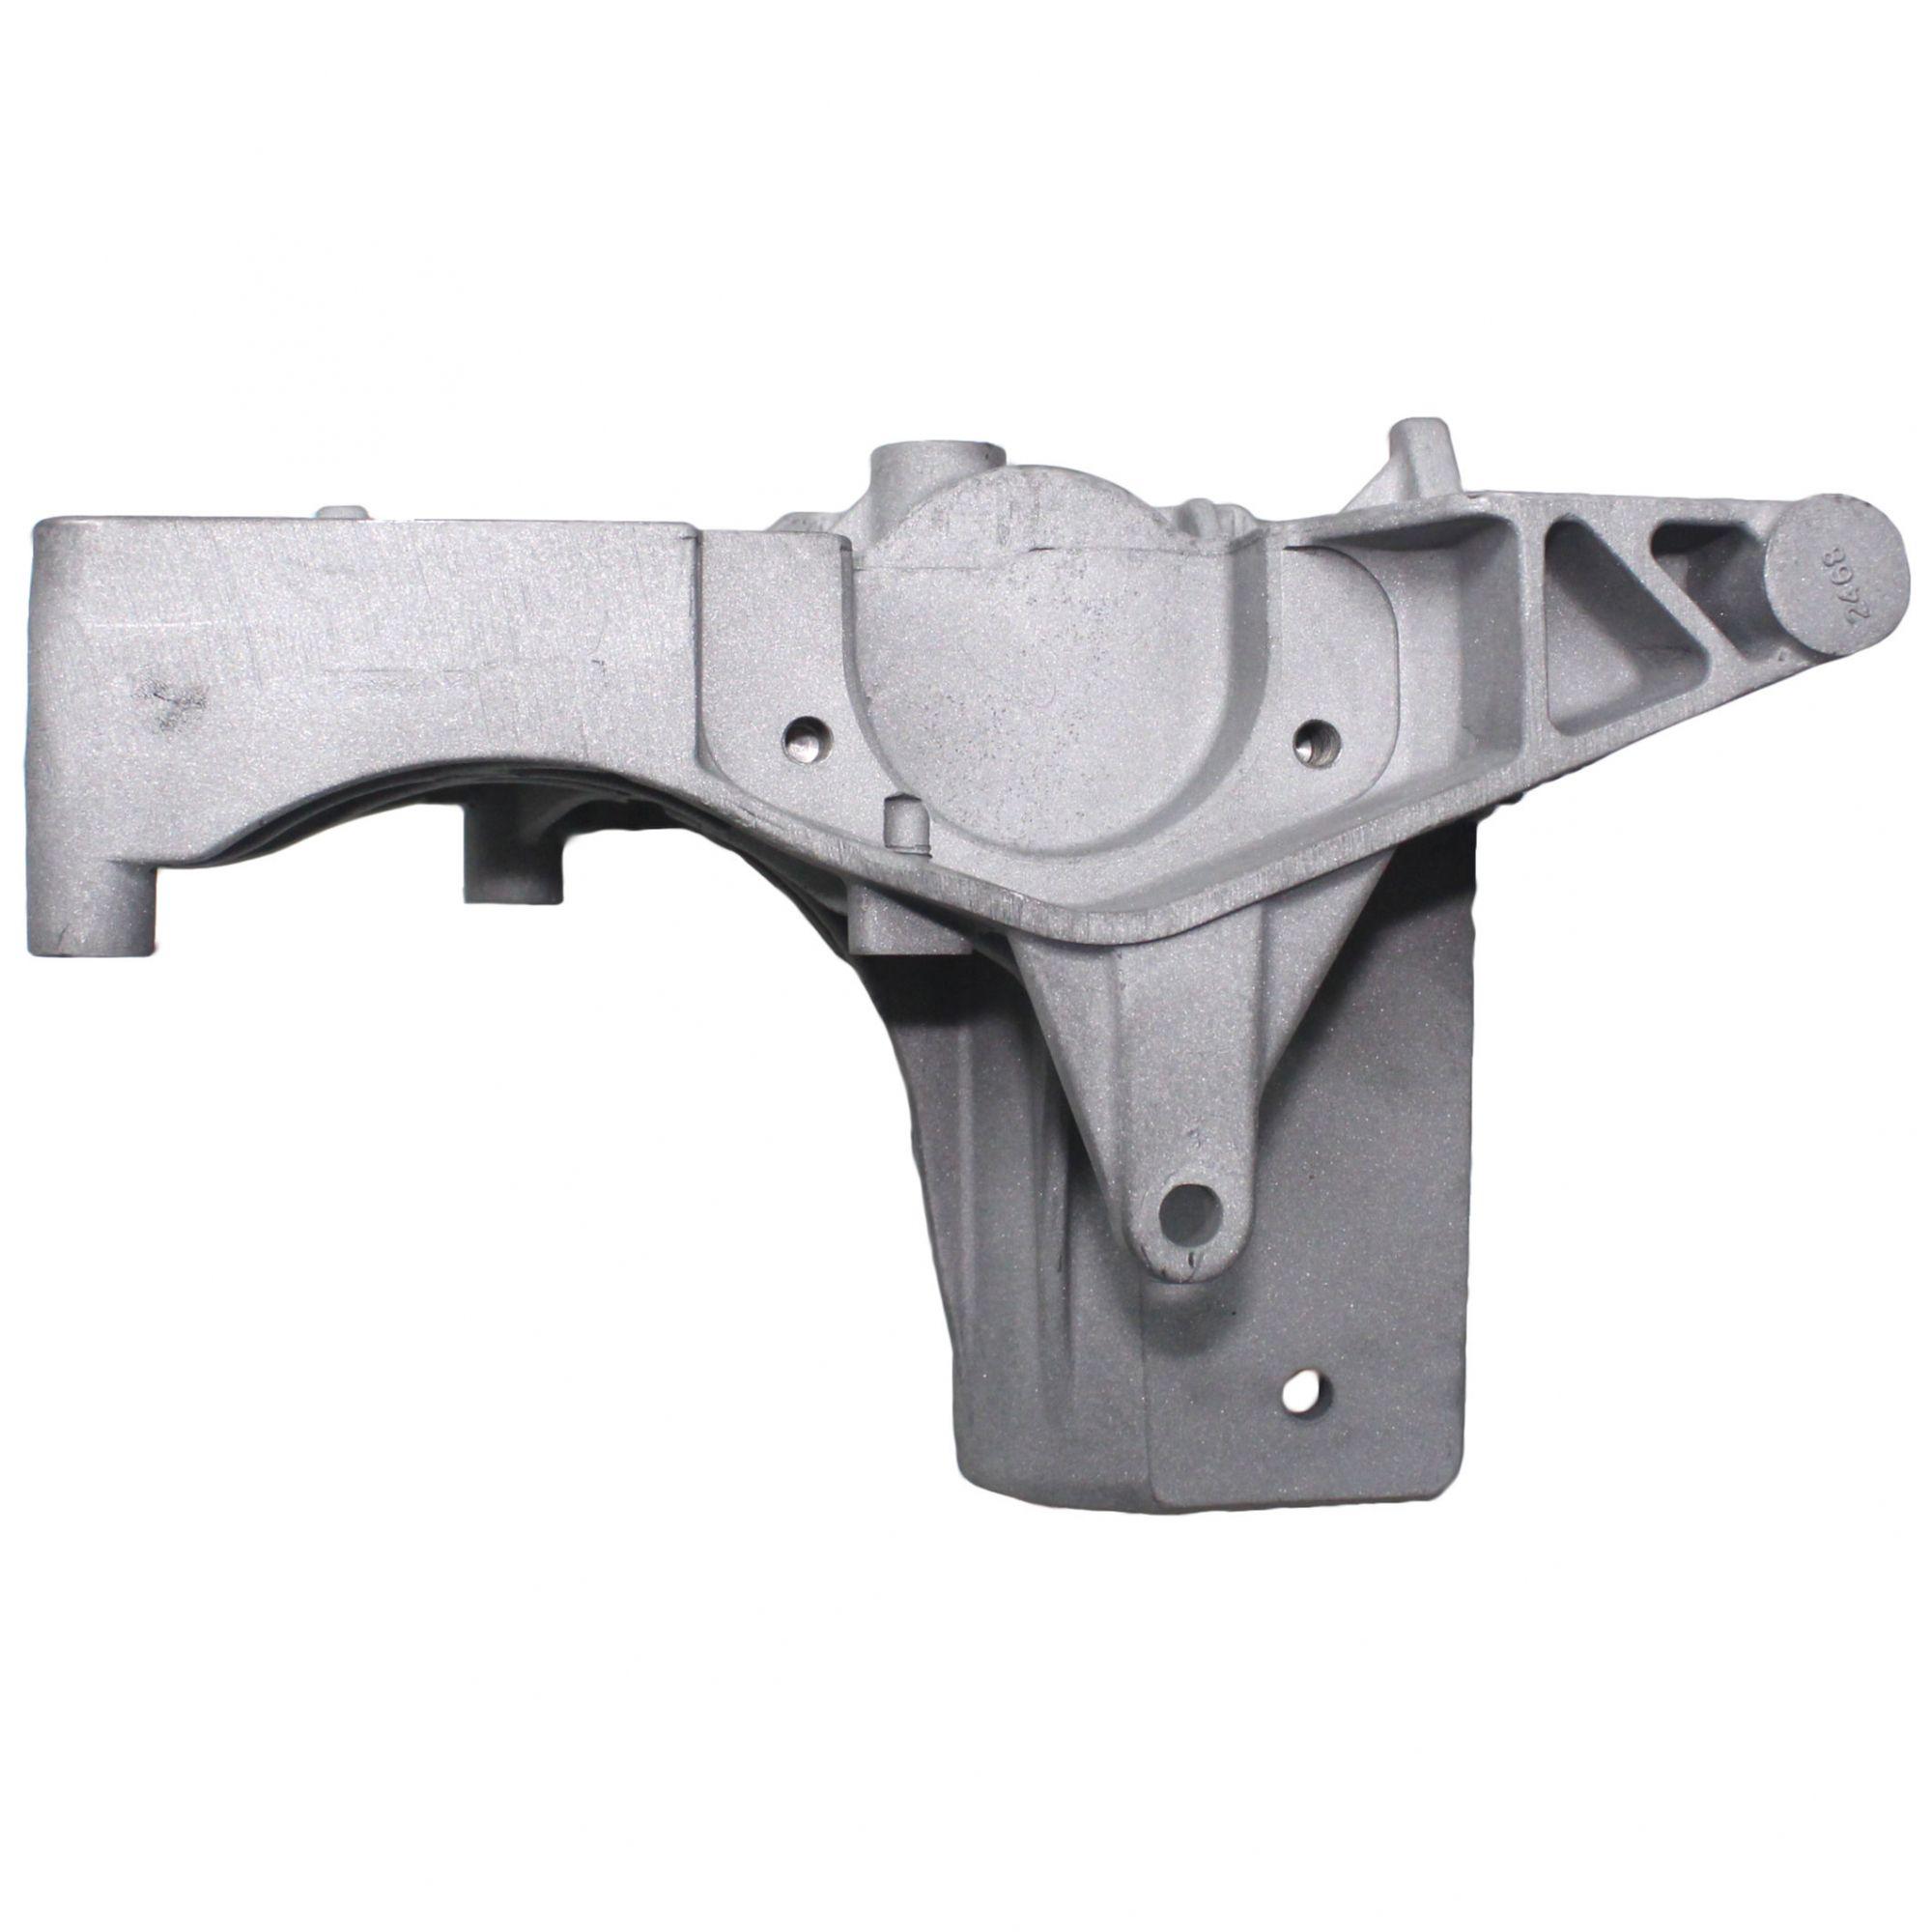 Suporte Fixação Compressor Ar Condicionado Corsa, Meriva, Montana Motor 1.8